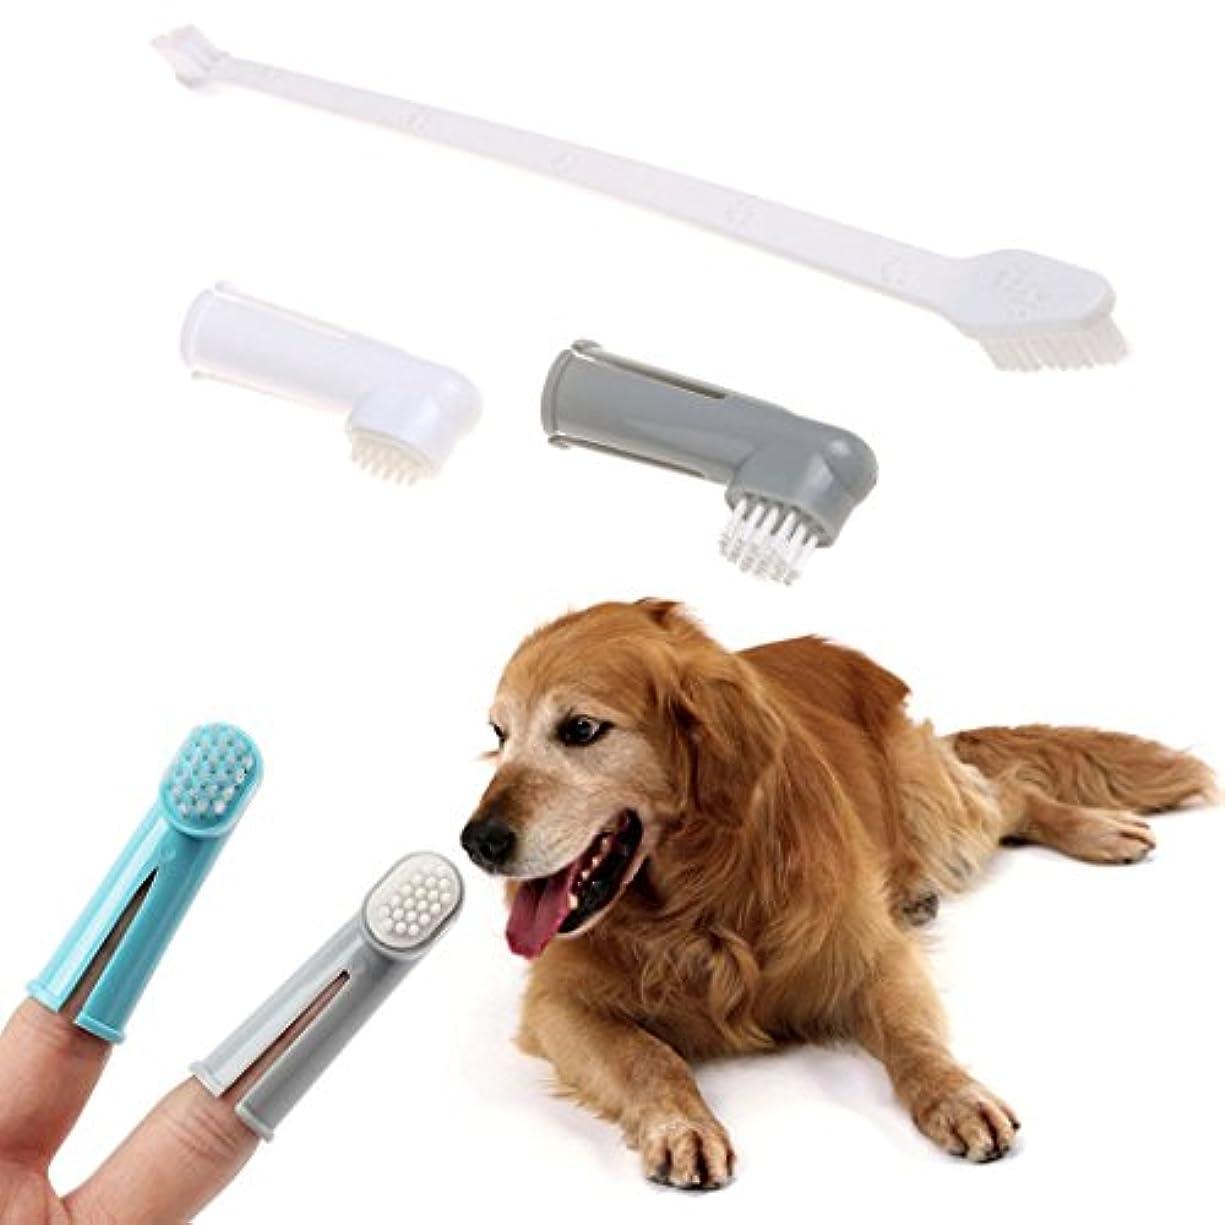 再集計アサート冒険Legendog ペットの歯ブラシ 犬用歯ブラシ 指歯 ブラシ 歯磨き ペット歯ケア用品 カラフル 3ピースセット(合計9個)